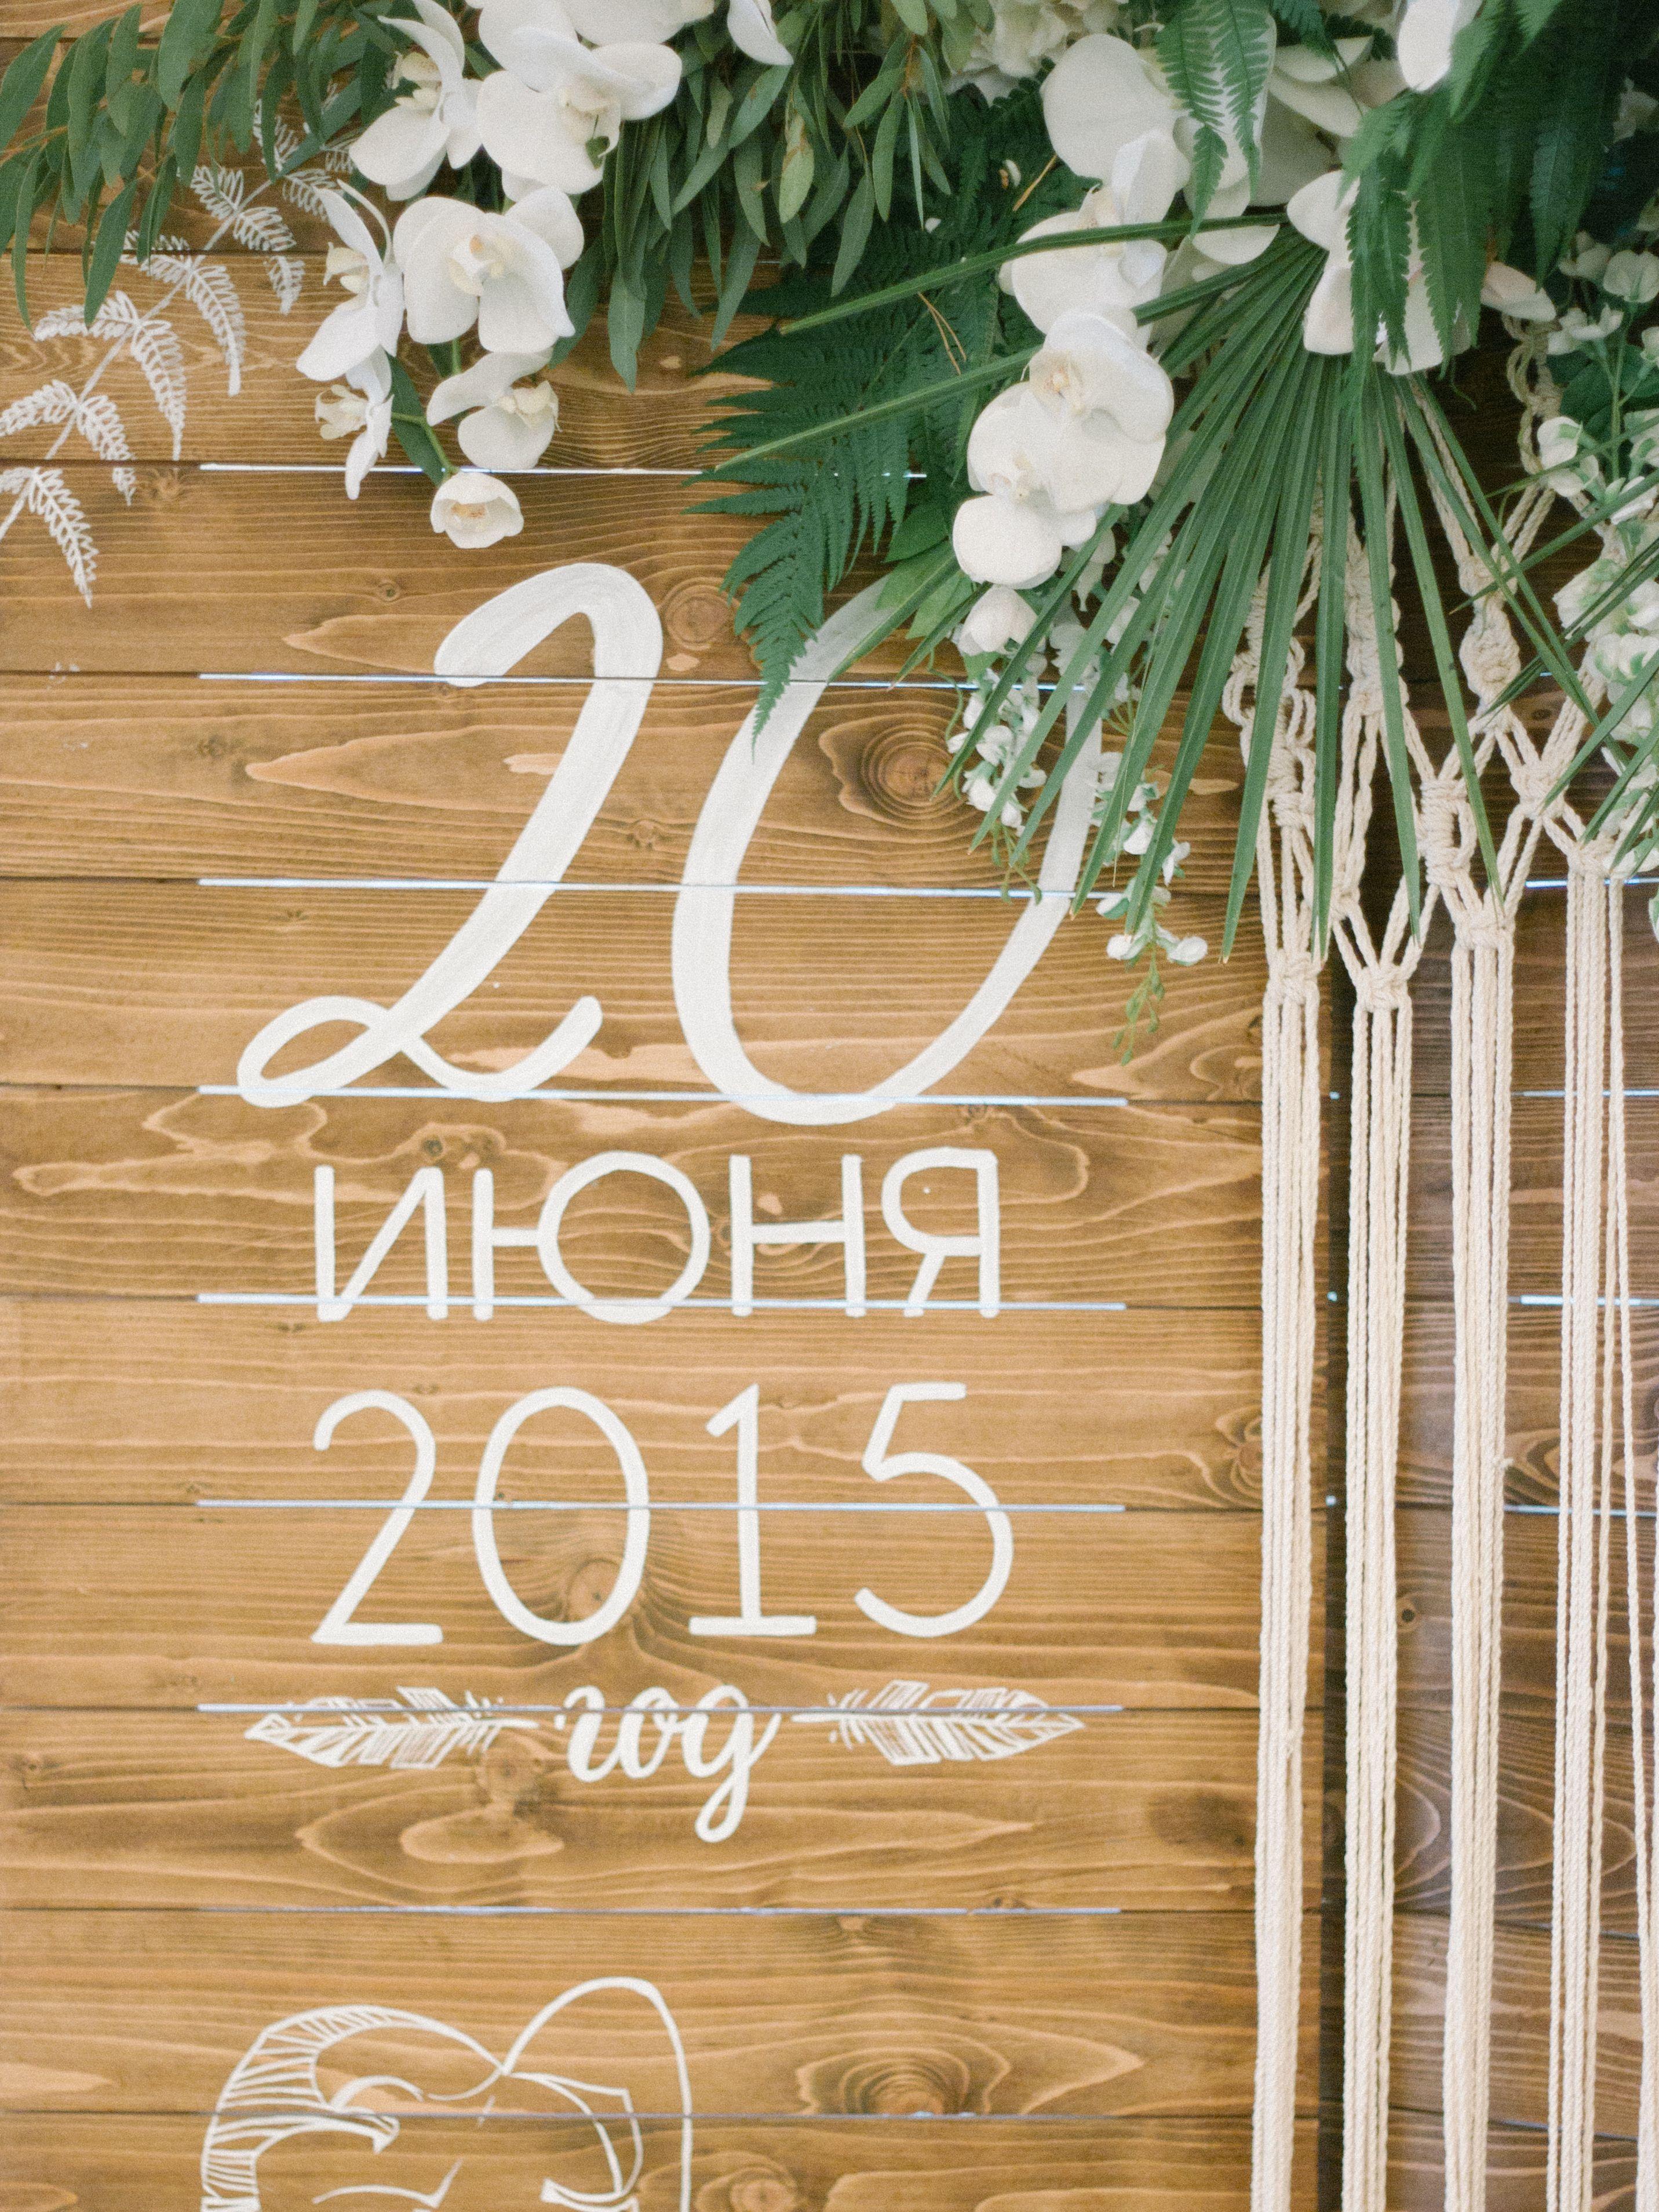 wedding, wedding ceremony, wedding decor, wedding photo zone, свадьба, церемония, фото зона, остров нашей любви